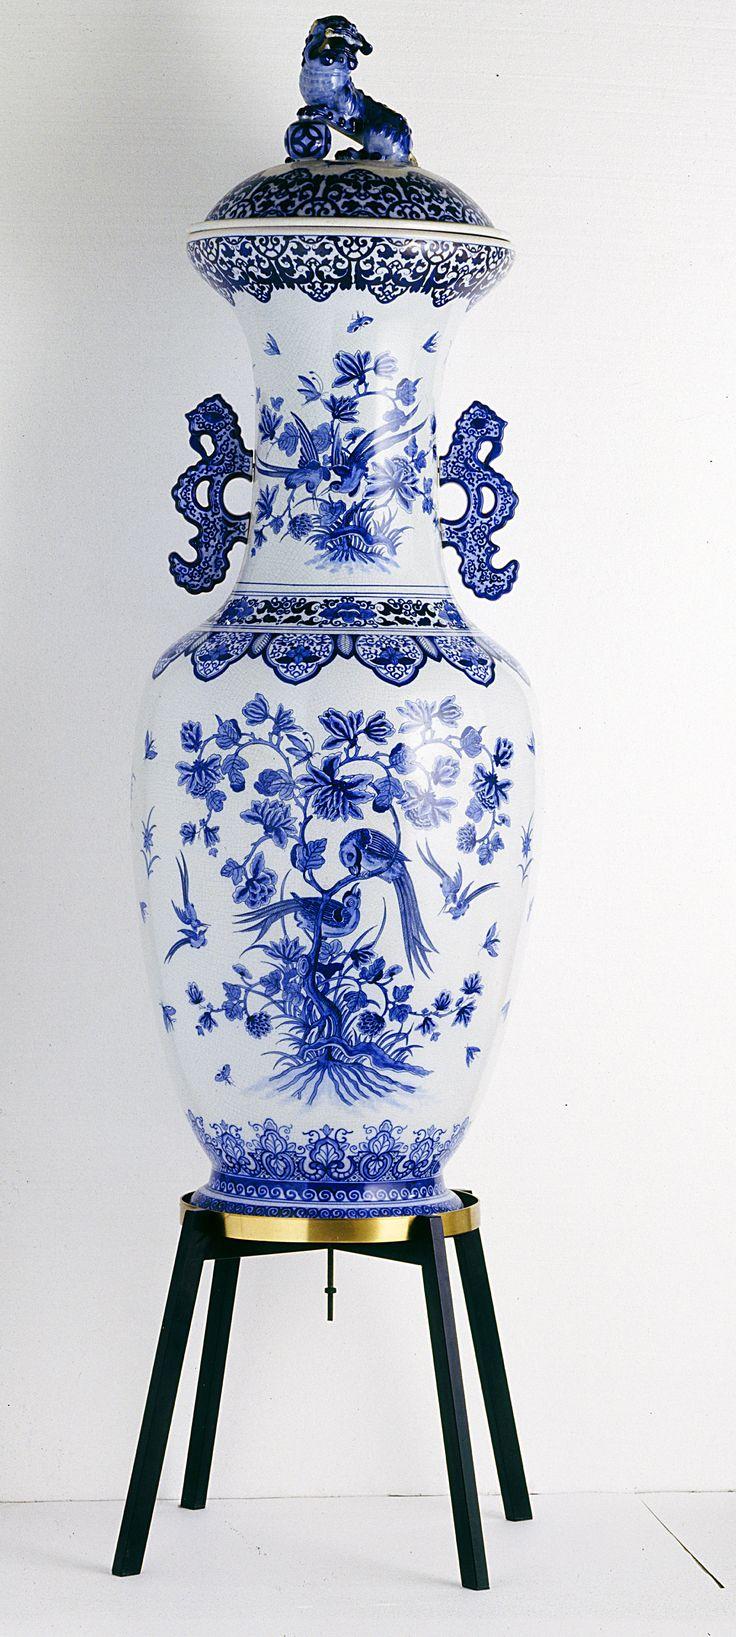 118 best villeroy boch images on pinterest dish sets high tea porcelain art villeroy boch reviewsmspy